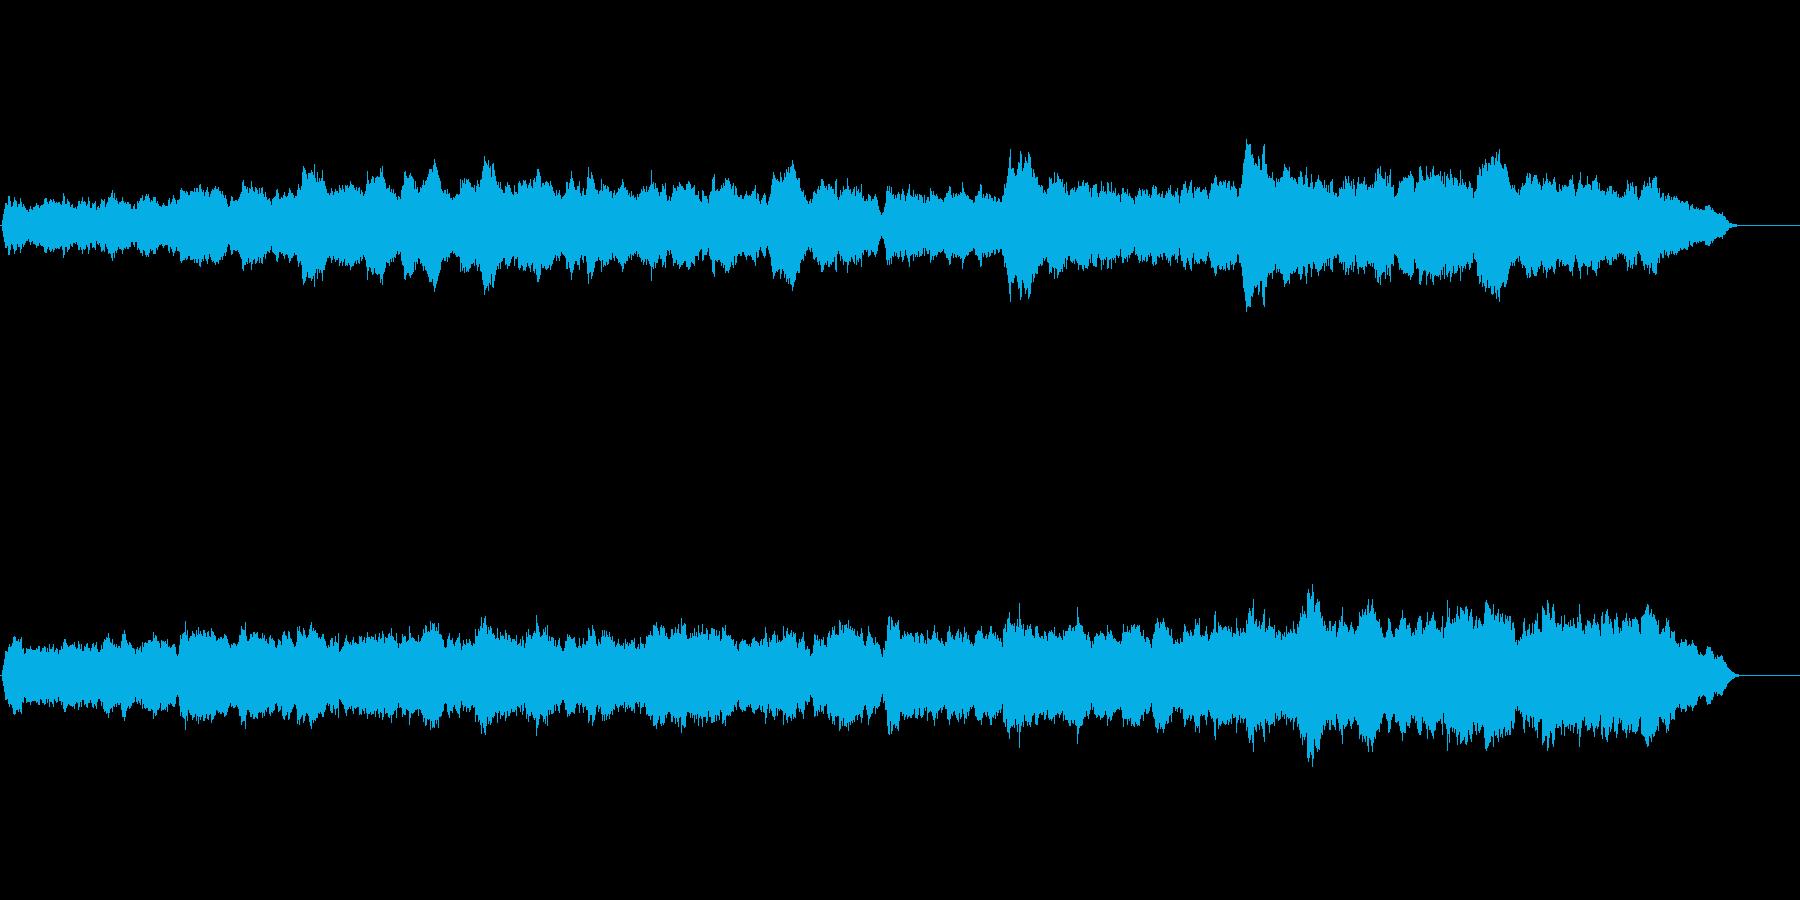 パイプオルガンの曲、クリスマスのイメージの再生済みの波形